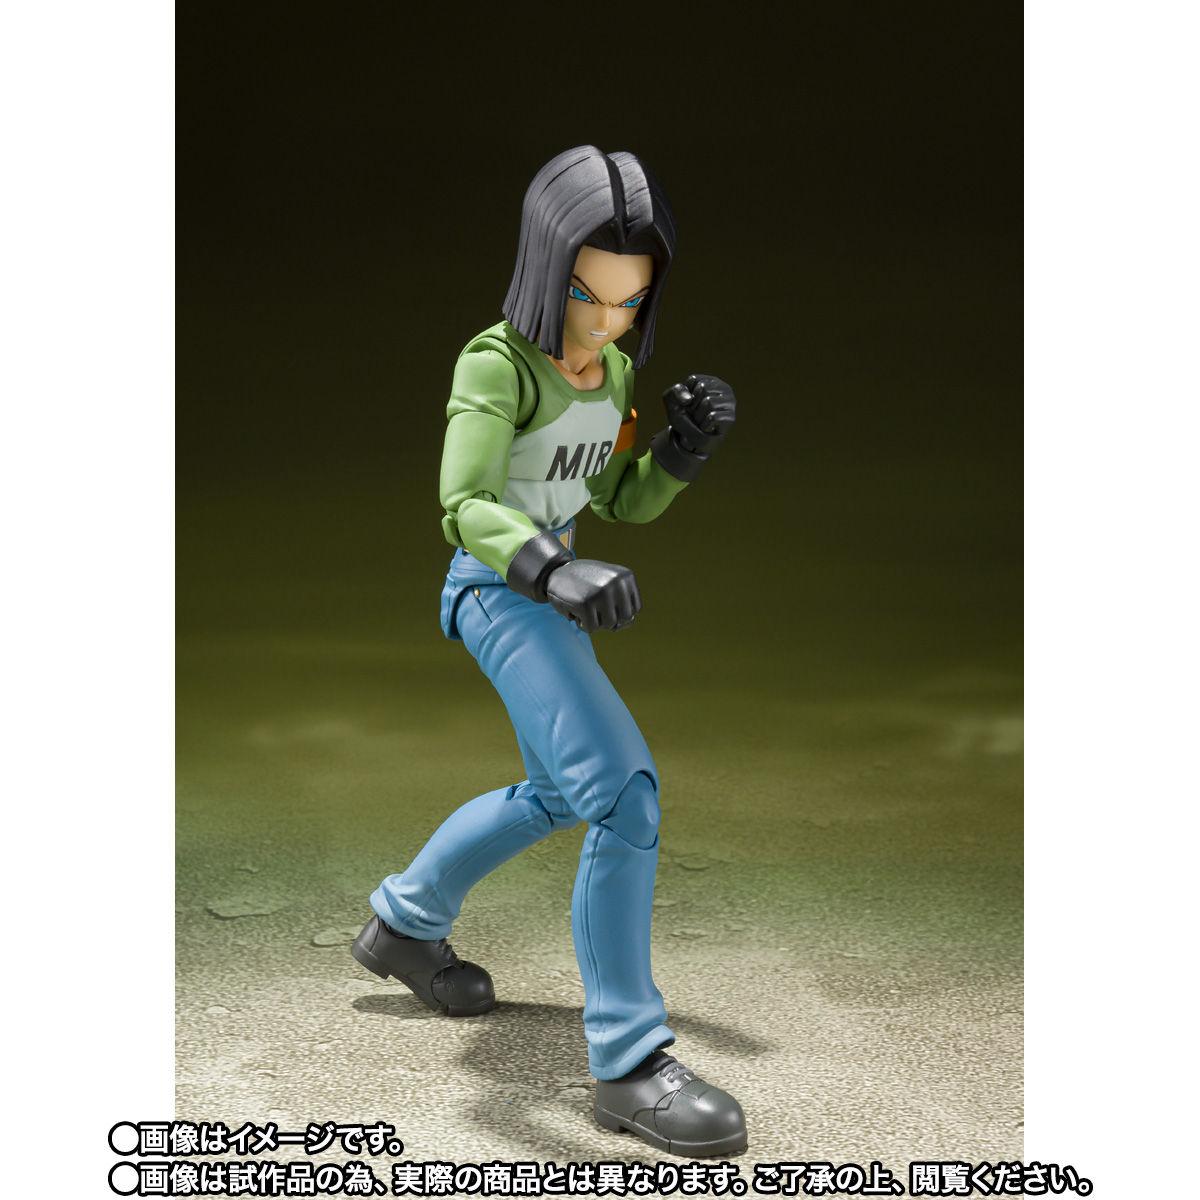 【限定販売】S.H.Figuarts『人造人間18号-宇宙サバイバル編-』ドラゴンボール超 可動フィギュア-011